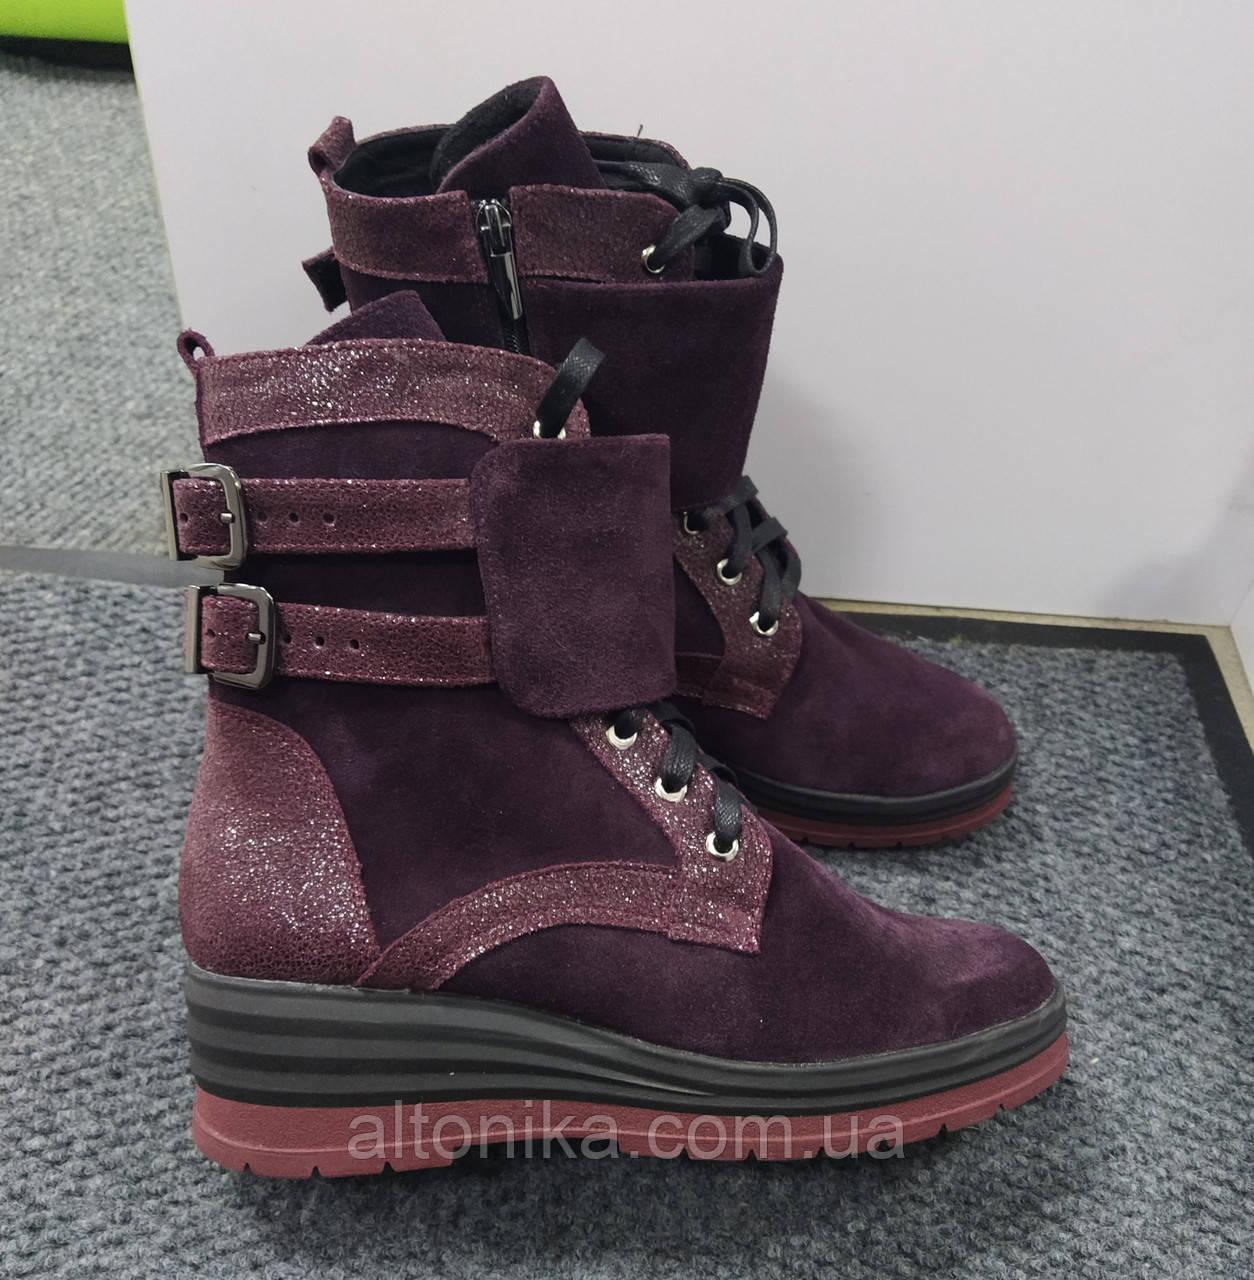 STTOPA деми зима. Размеры 36-41. Ботинки кожаные больших размеров! С9-56-3641-55-3641 Бордовые